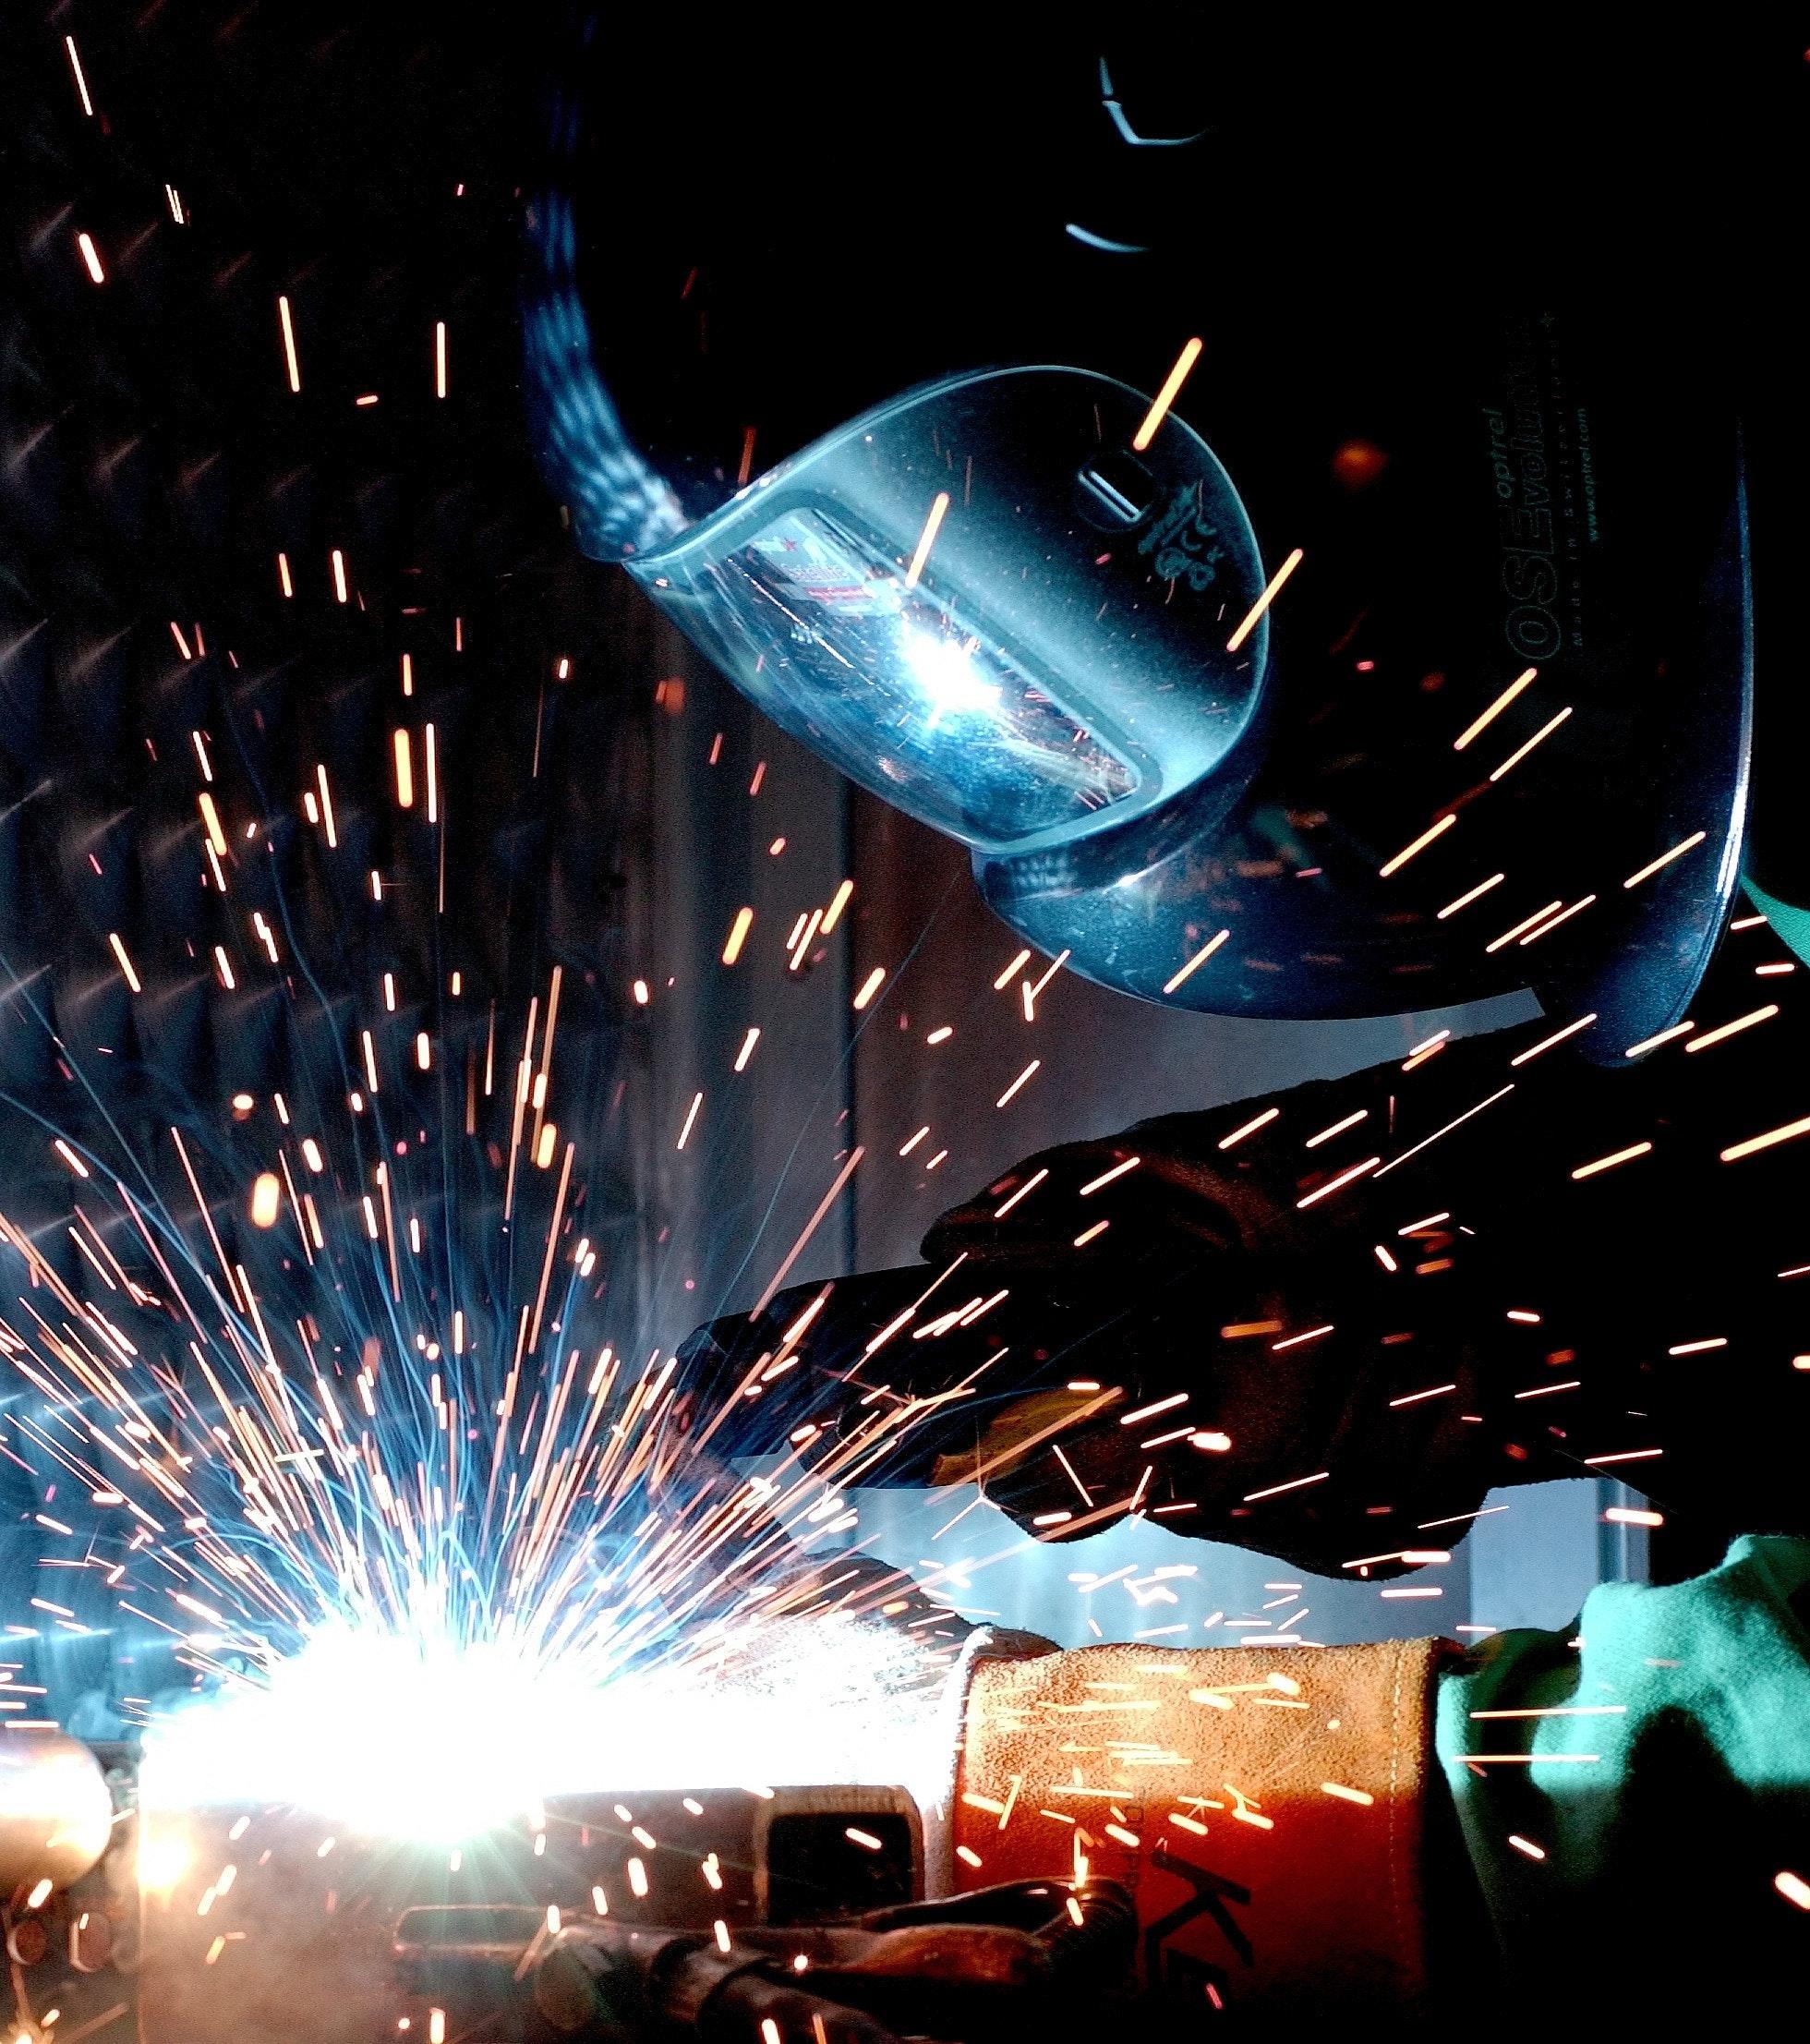 A worker wielding steel